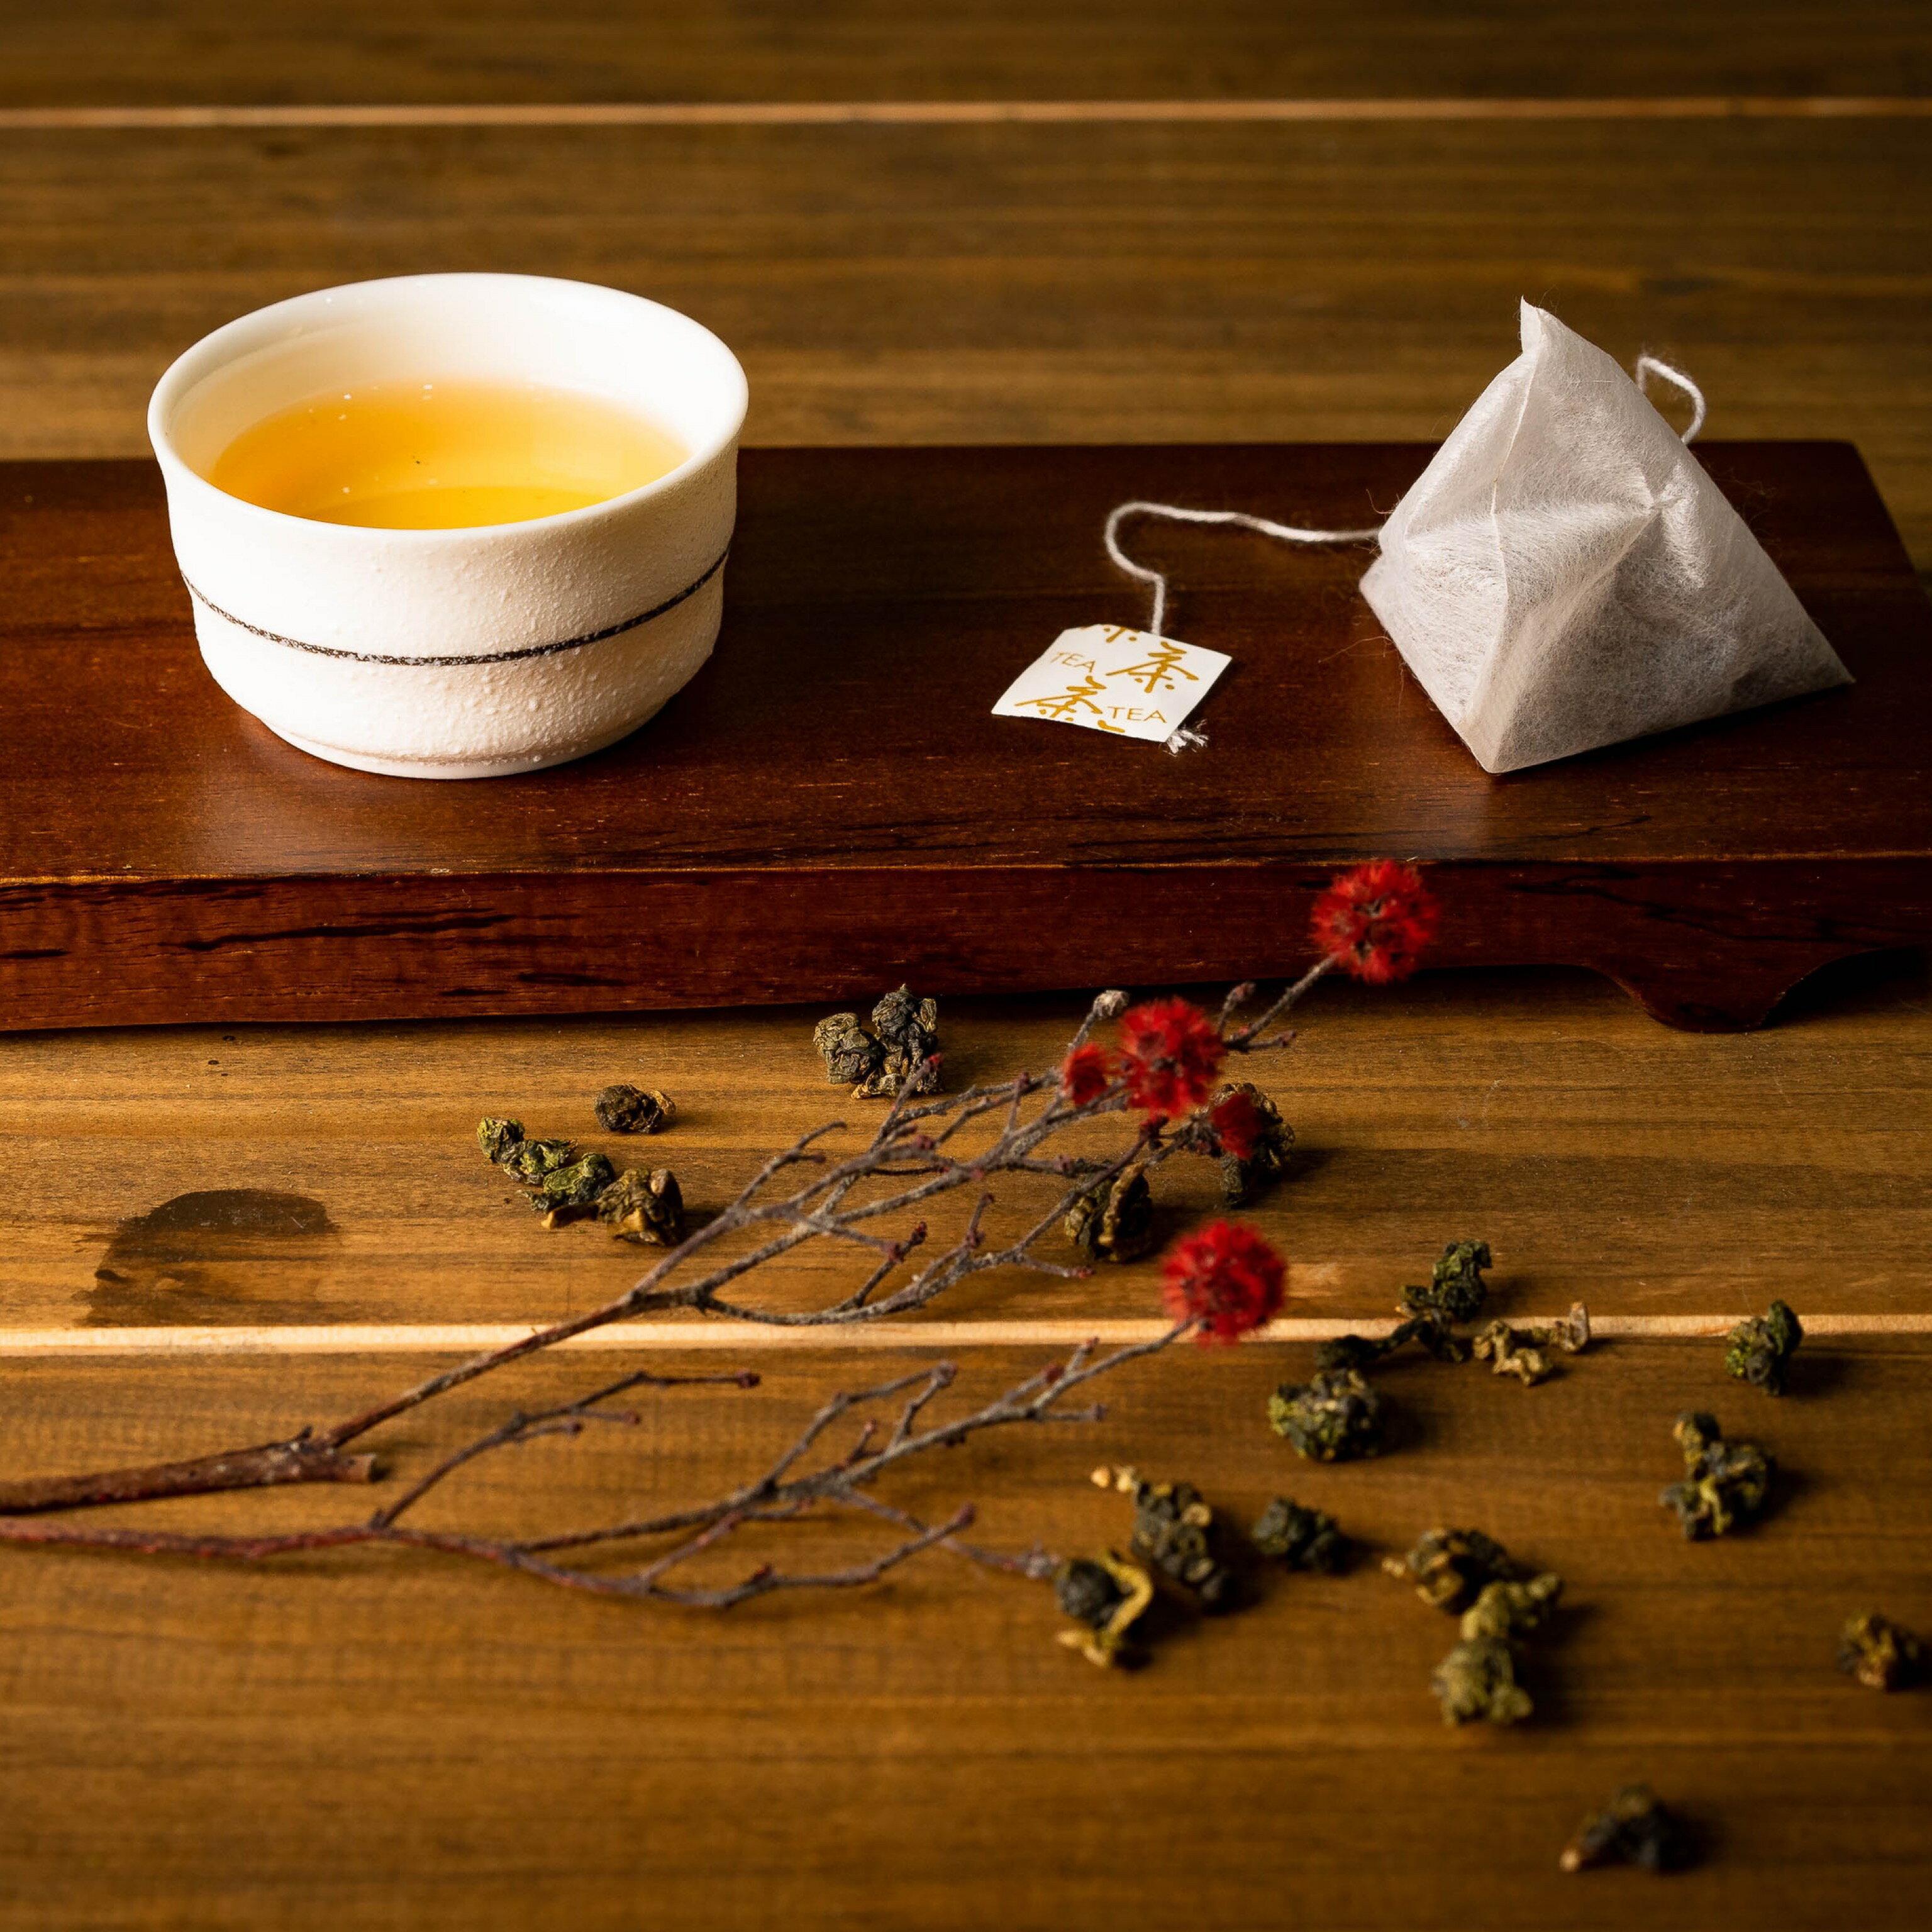 【梨山茶茶包禮盒 30入/盒】 頂級台灣茶 沉穩濃郁香氣 回甘好味道 【定興茗茶 DINSHIN】